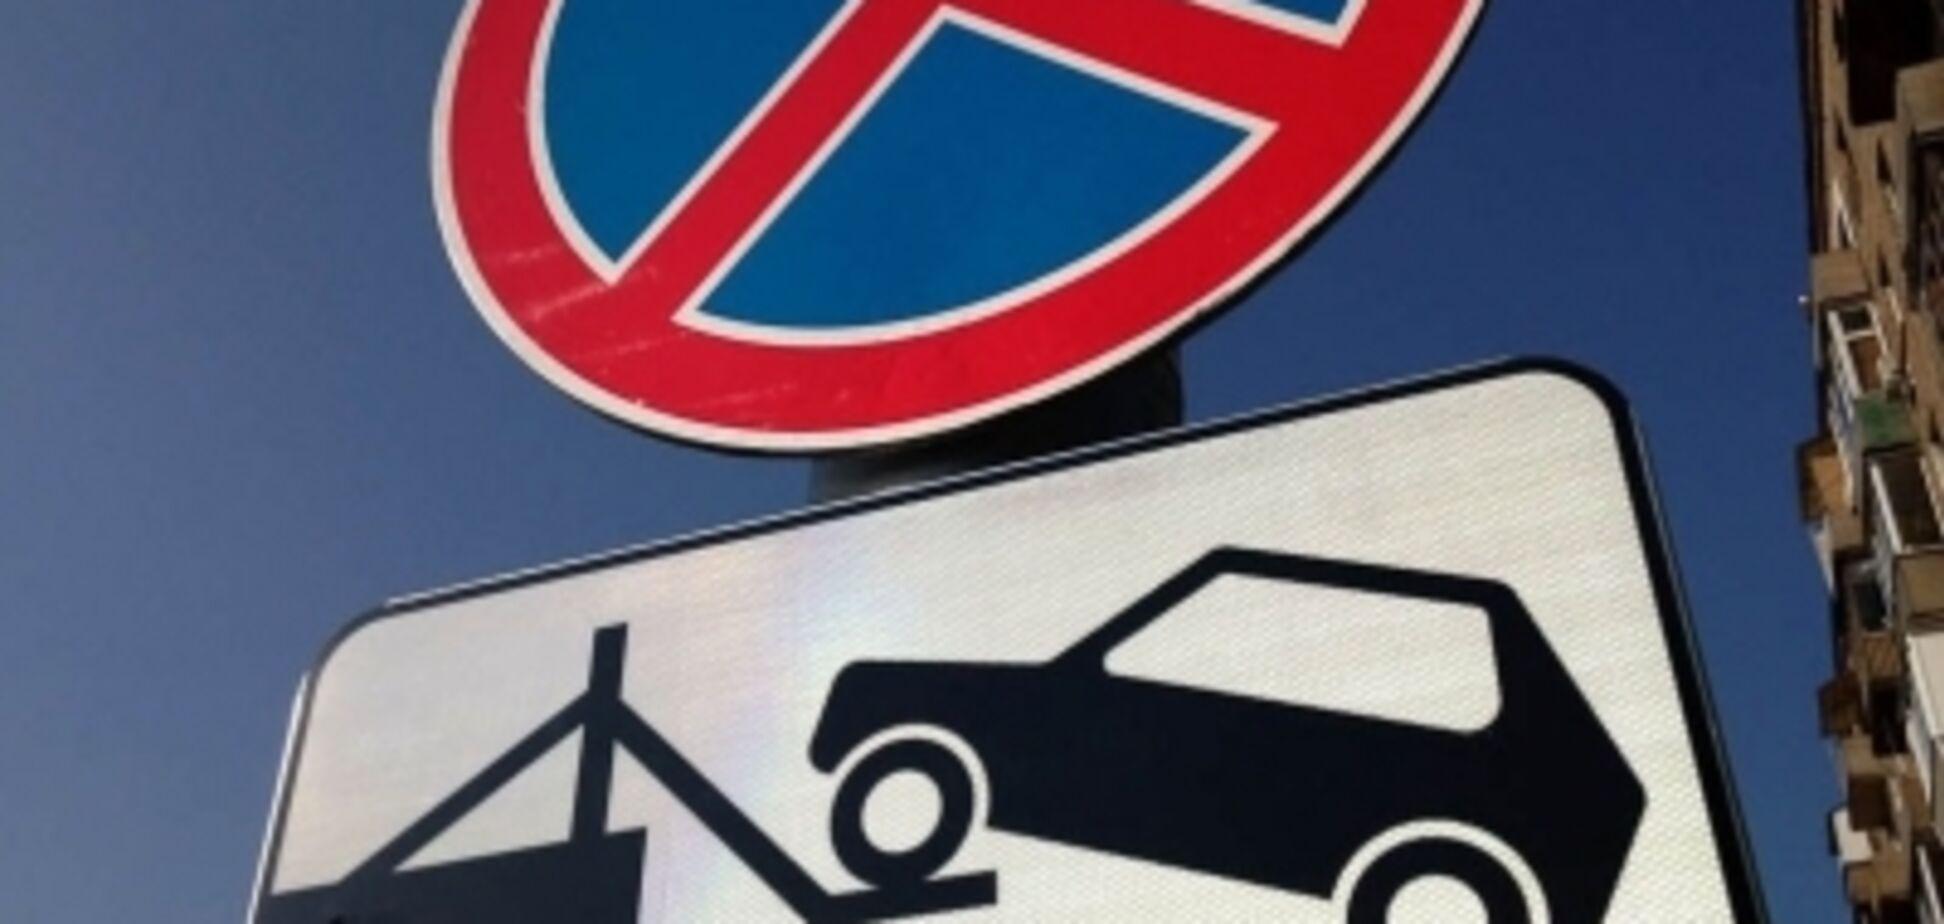 У Києві нові правила паркування опинилися під загрозою: названі причини